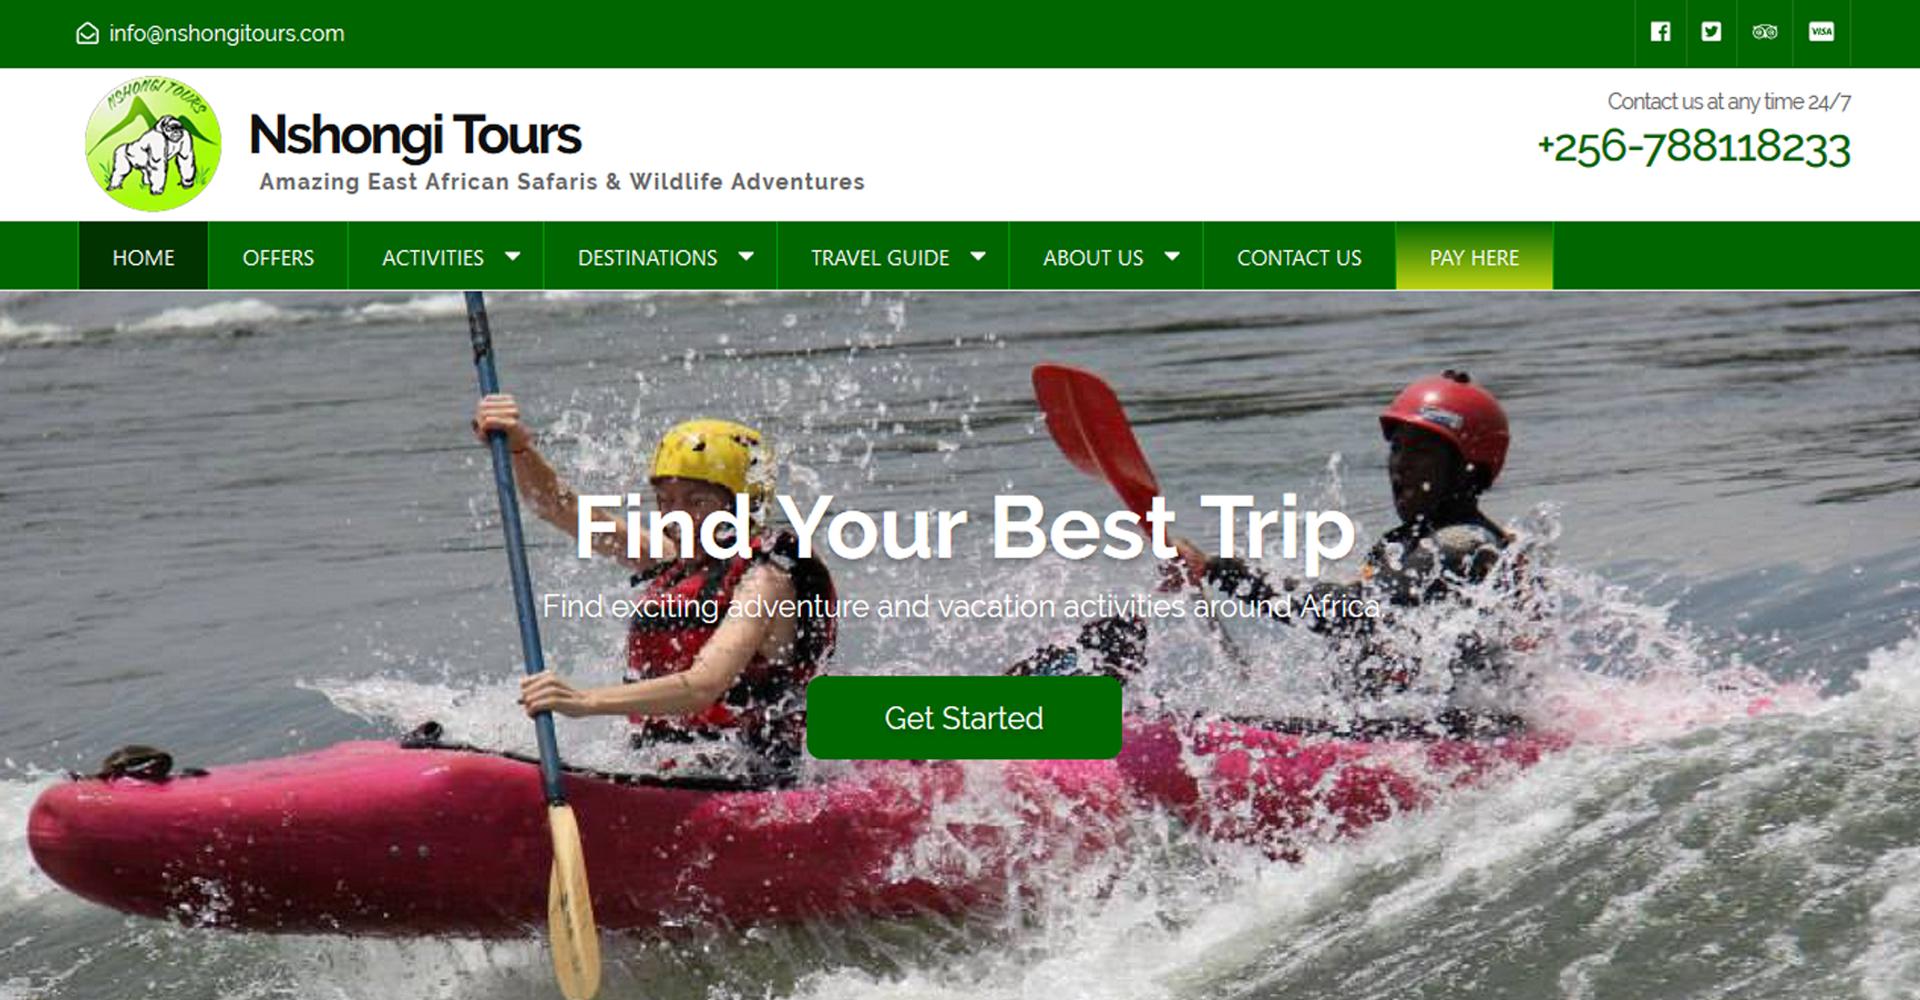 Nshongi Safari Tours and Travel